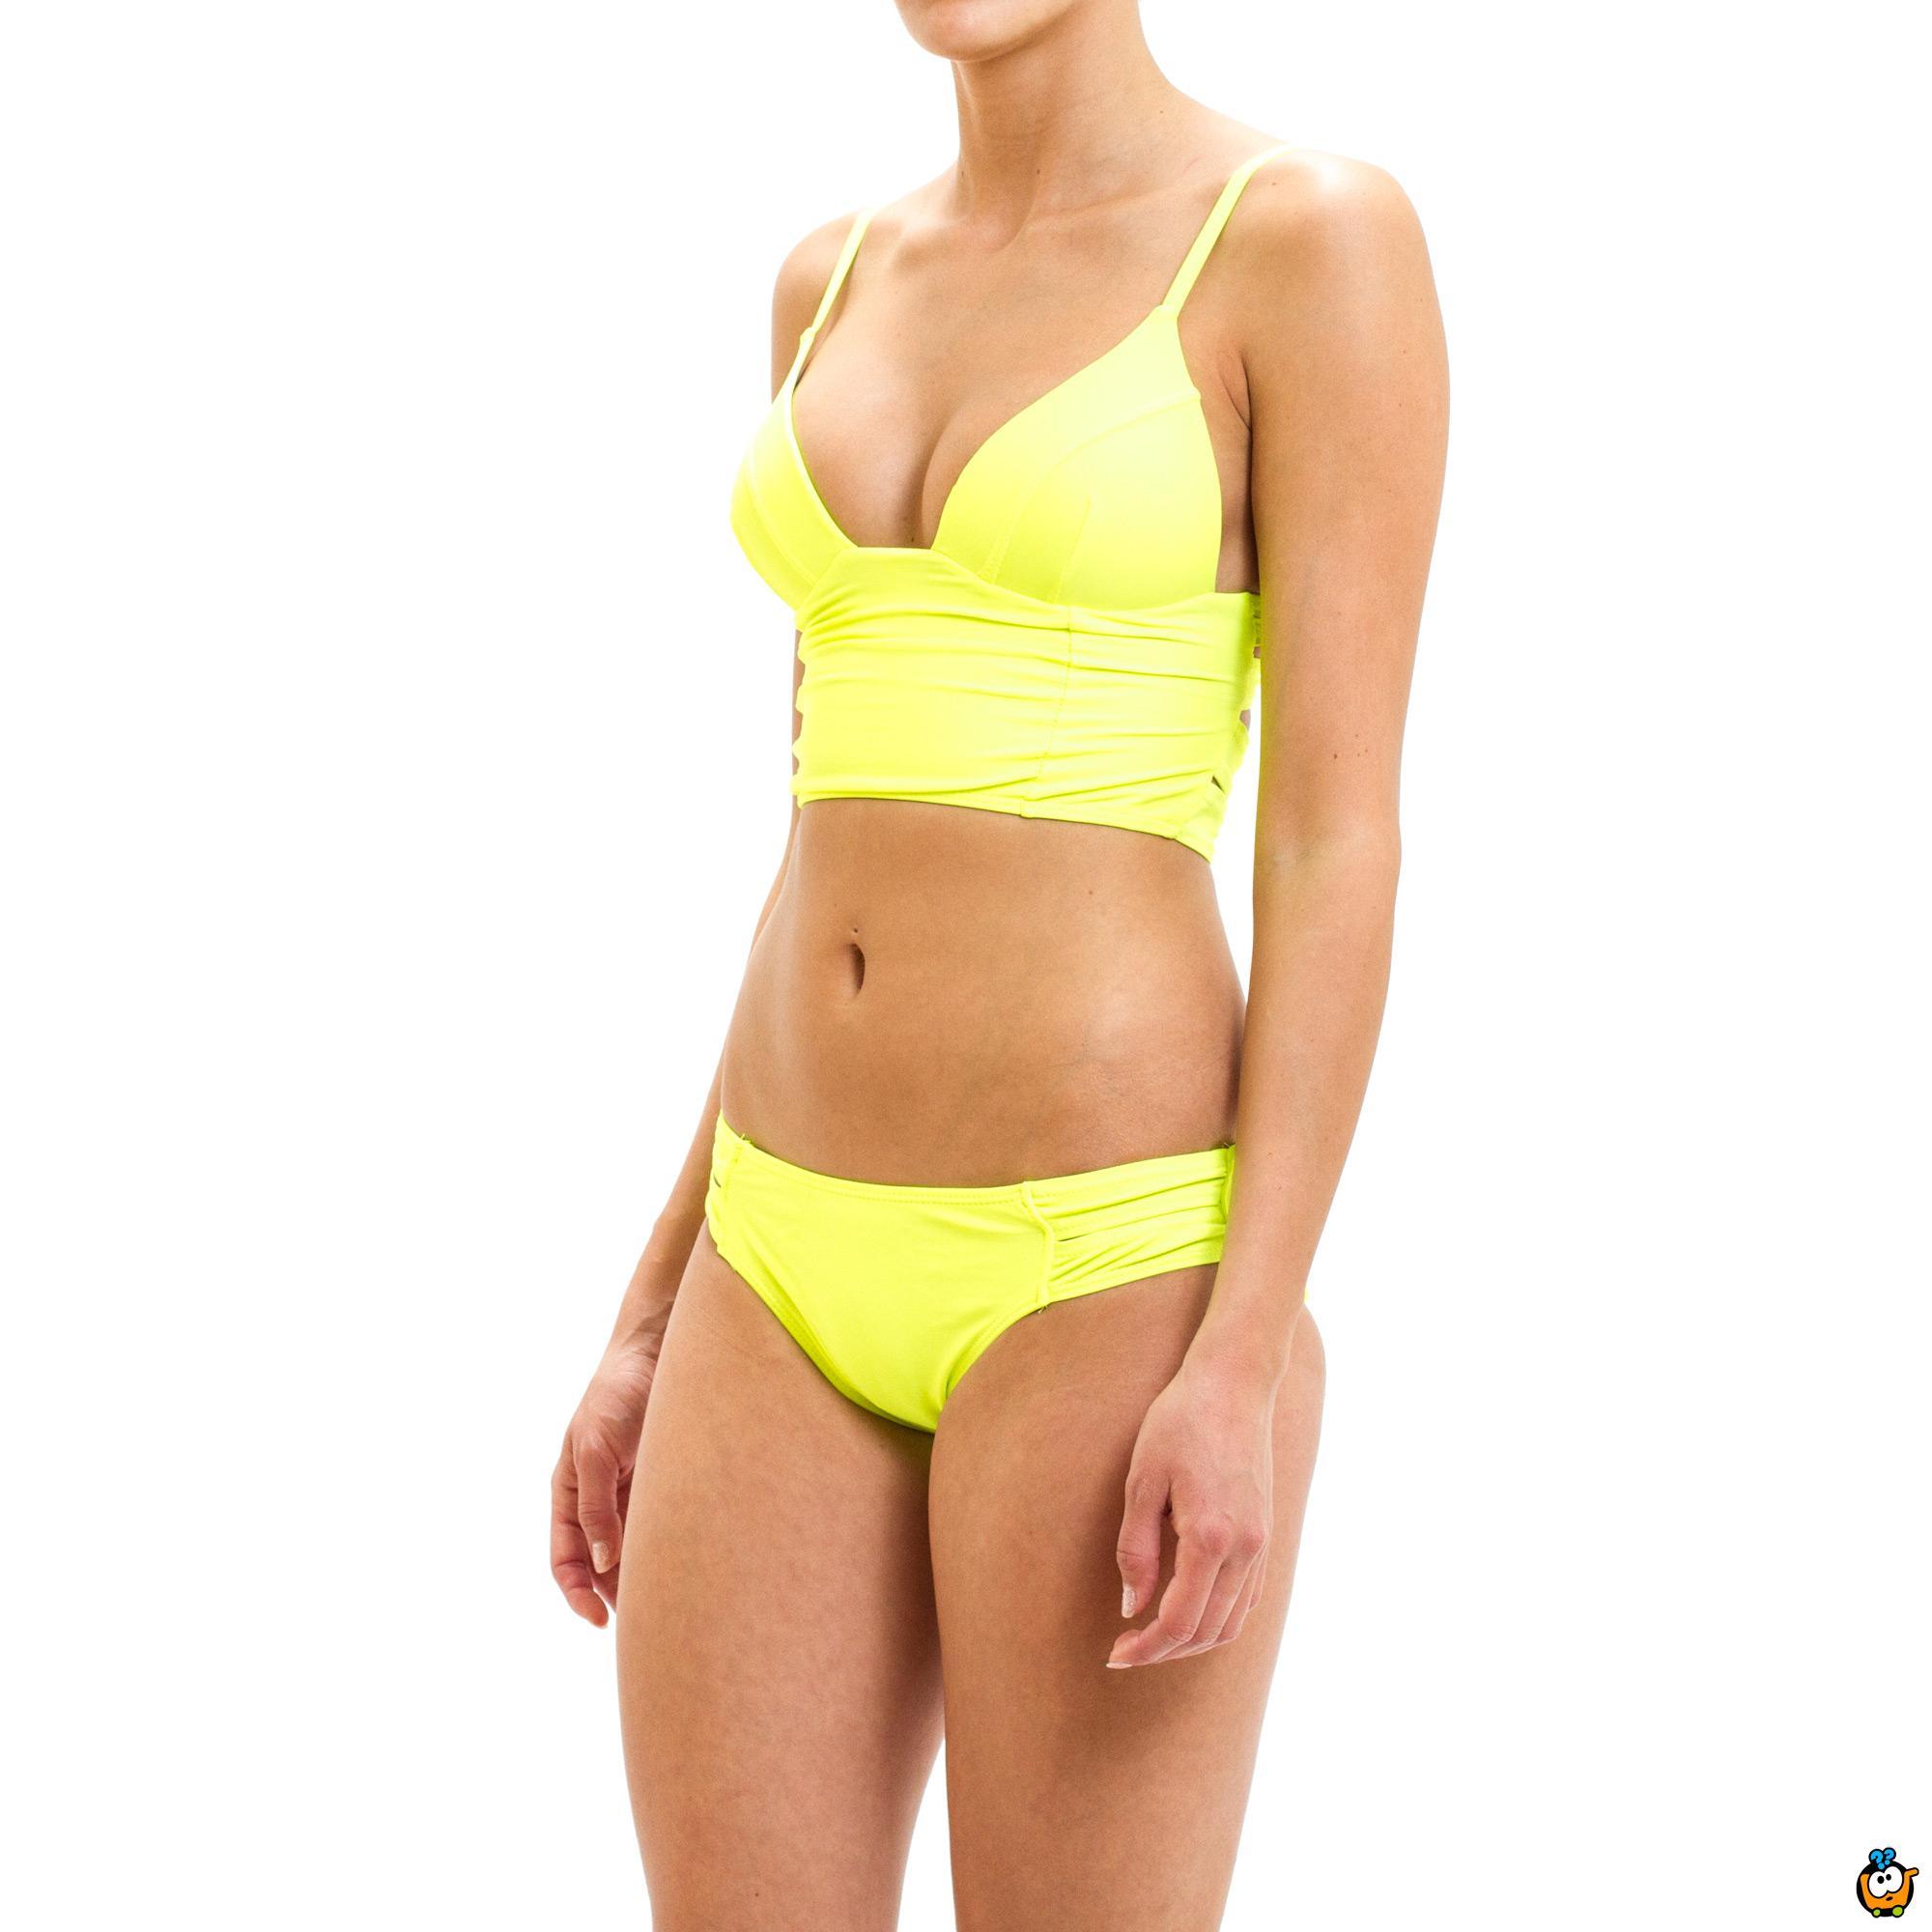 Dvodelni ženski kupaći kostim - FACE TOP GREEN